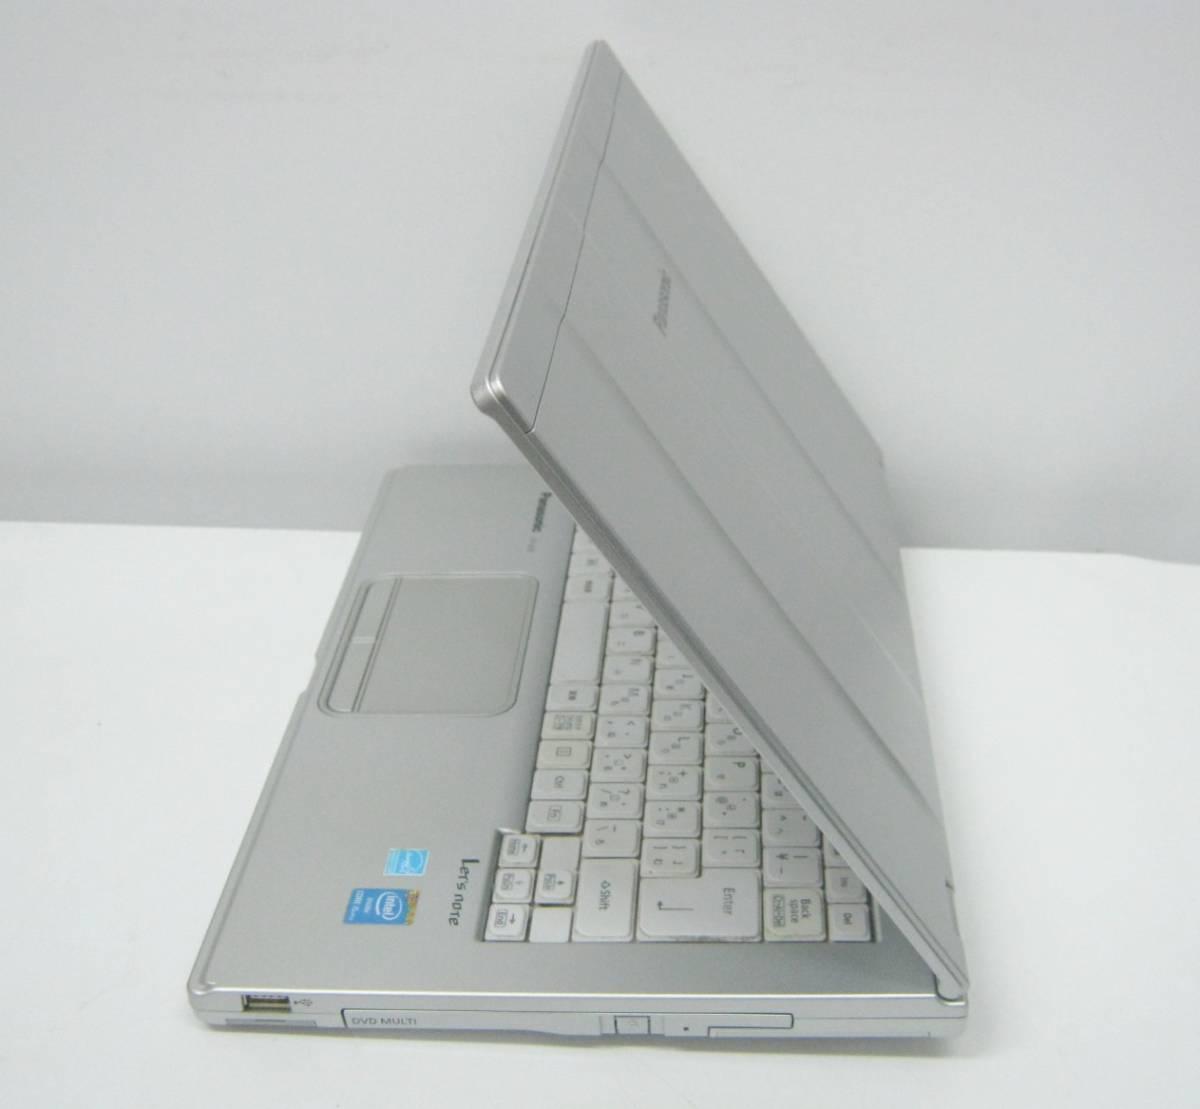 994 ストレージ欠品等ジャンク CF-LX3ED8CS i5-4300U 1.9GHz 4GB 簡易確認 部品取りにも_画像4